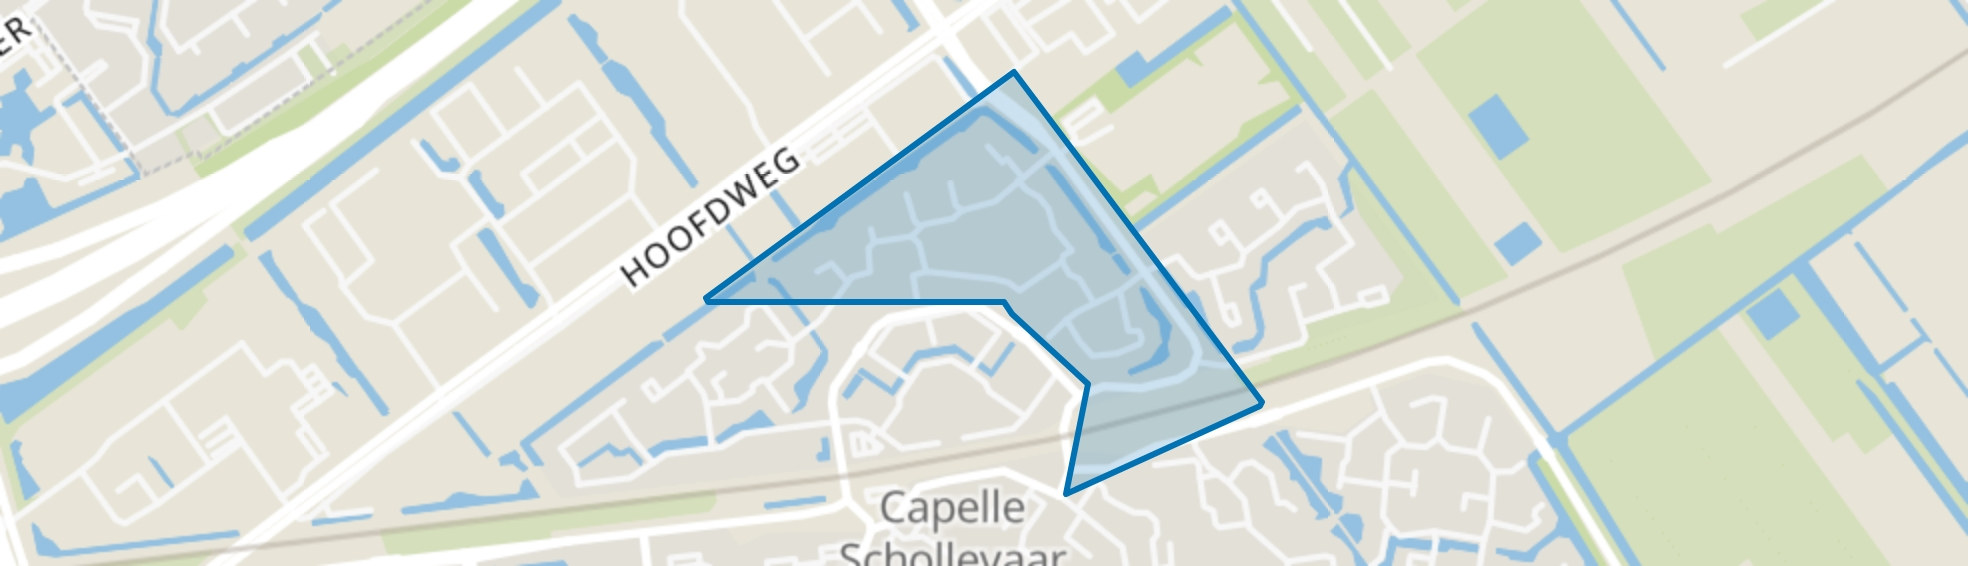 Sporenbuurt-oost, Capelle aan den IJssel map